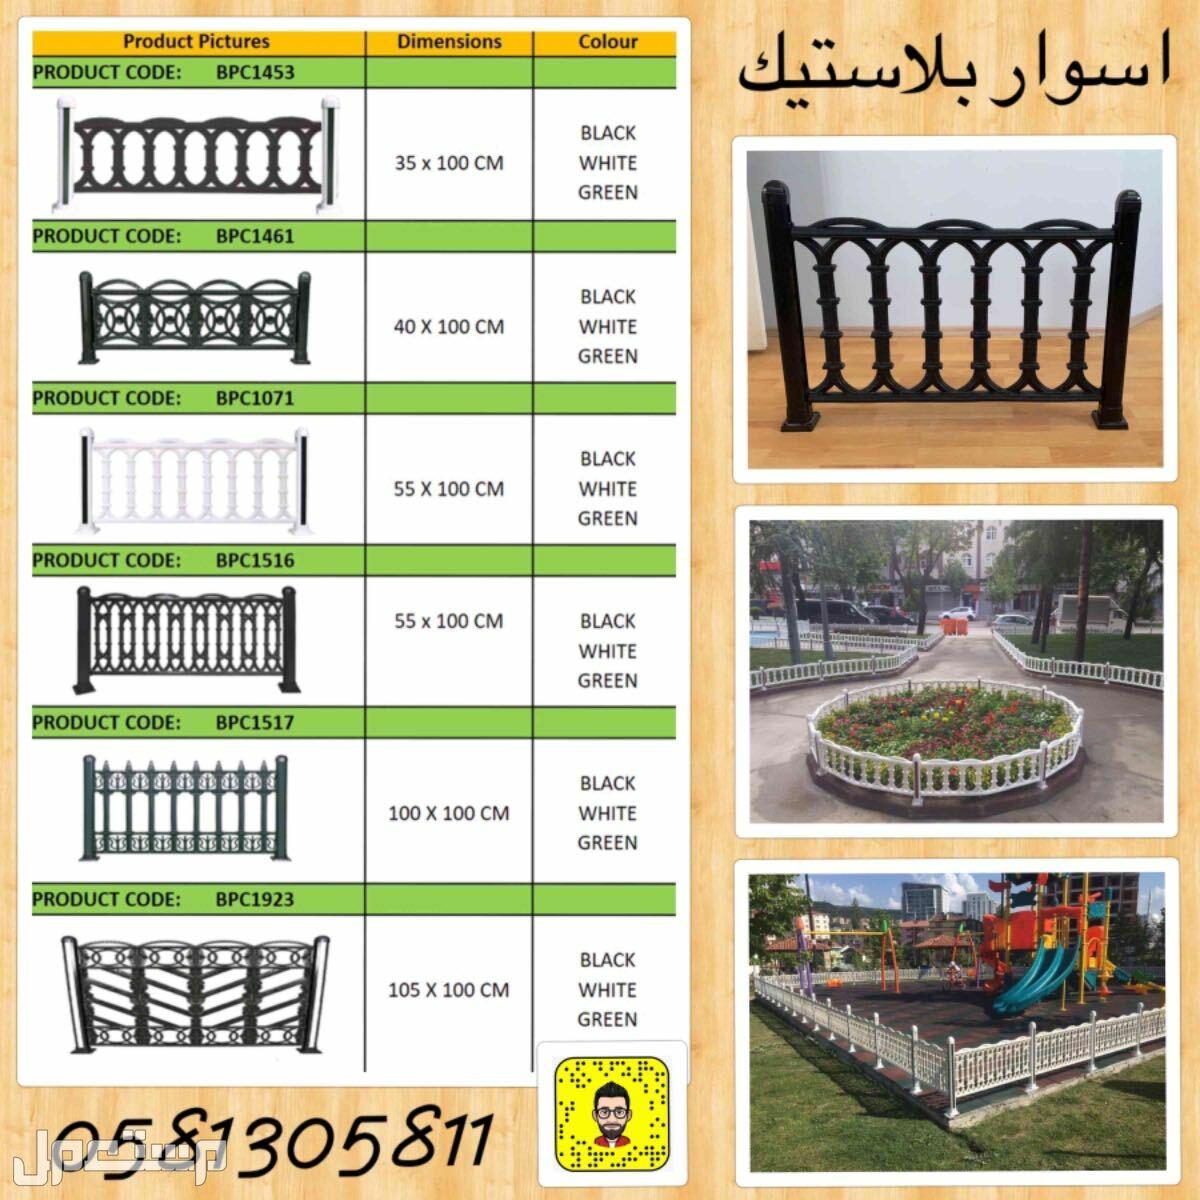 العاب حدائق وساحات عادية واحتياجات خاصة / توريد وتركيب